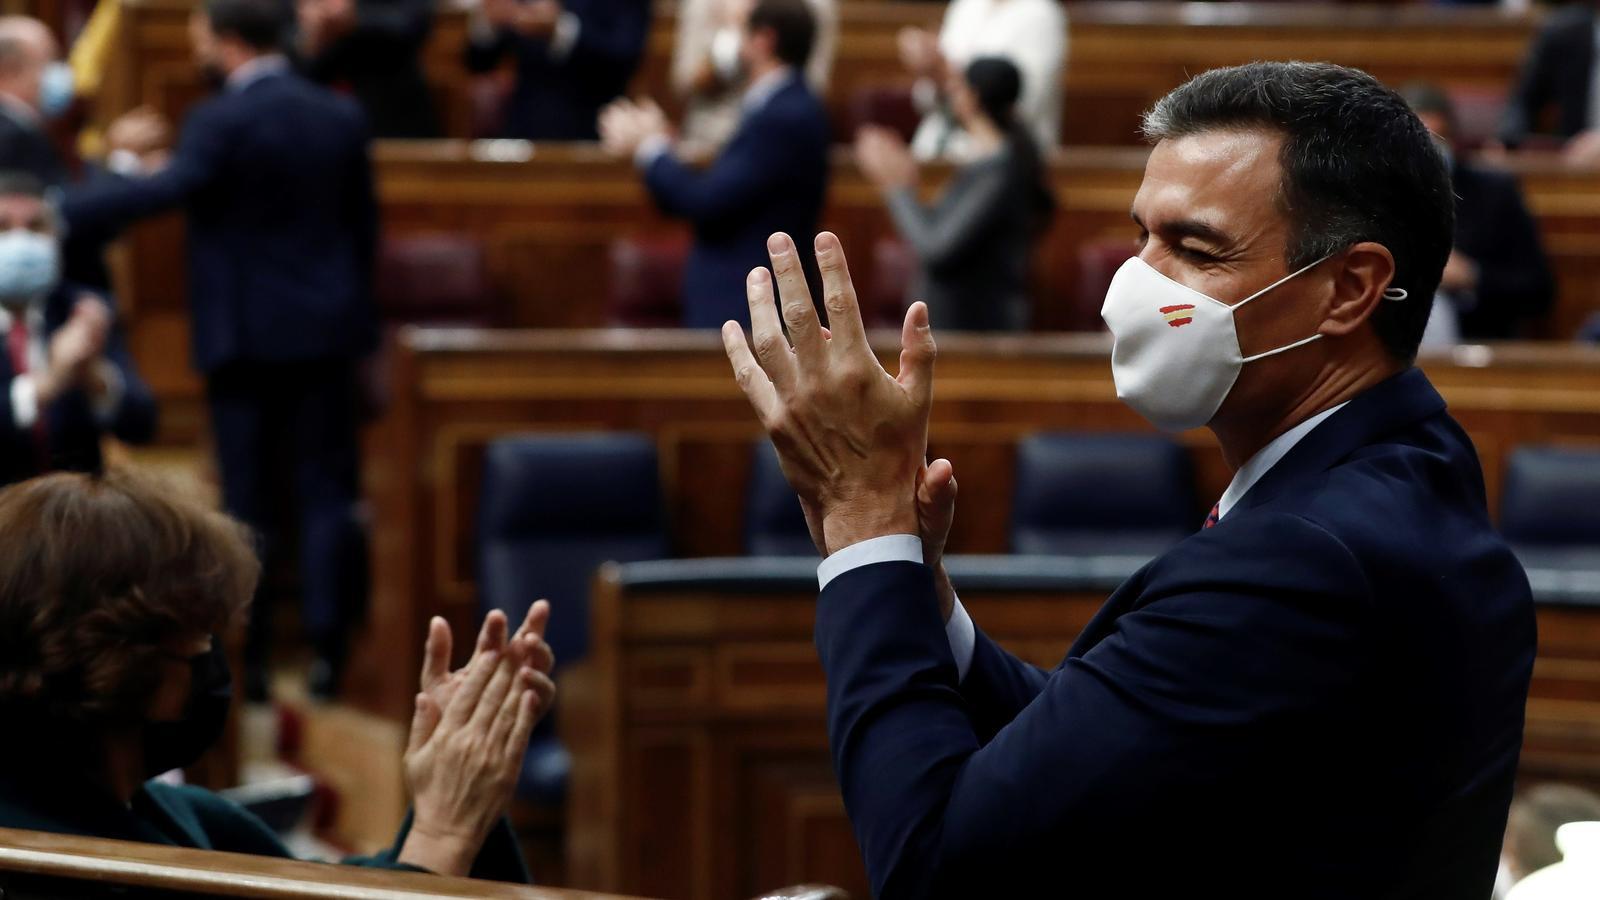 El president del govern espanyol, Pedro Sánchez, celebrant la votació fallida de la moció de censura de Vox aquest dijous al Congrés.